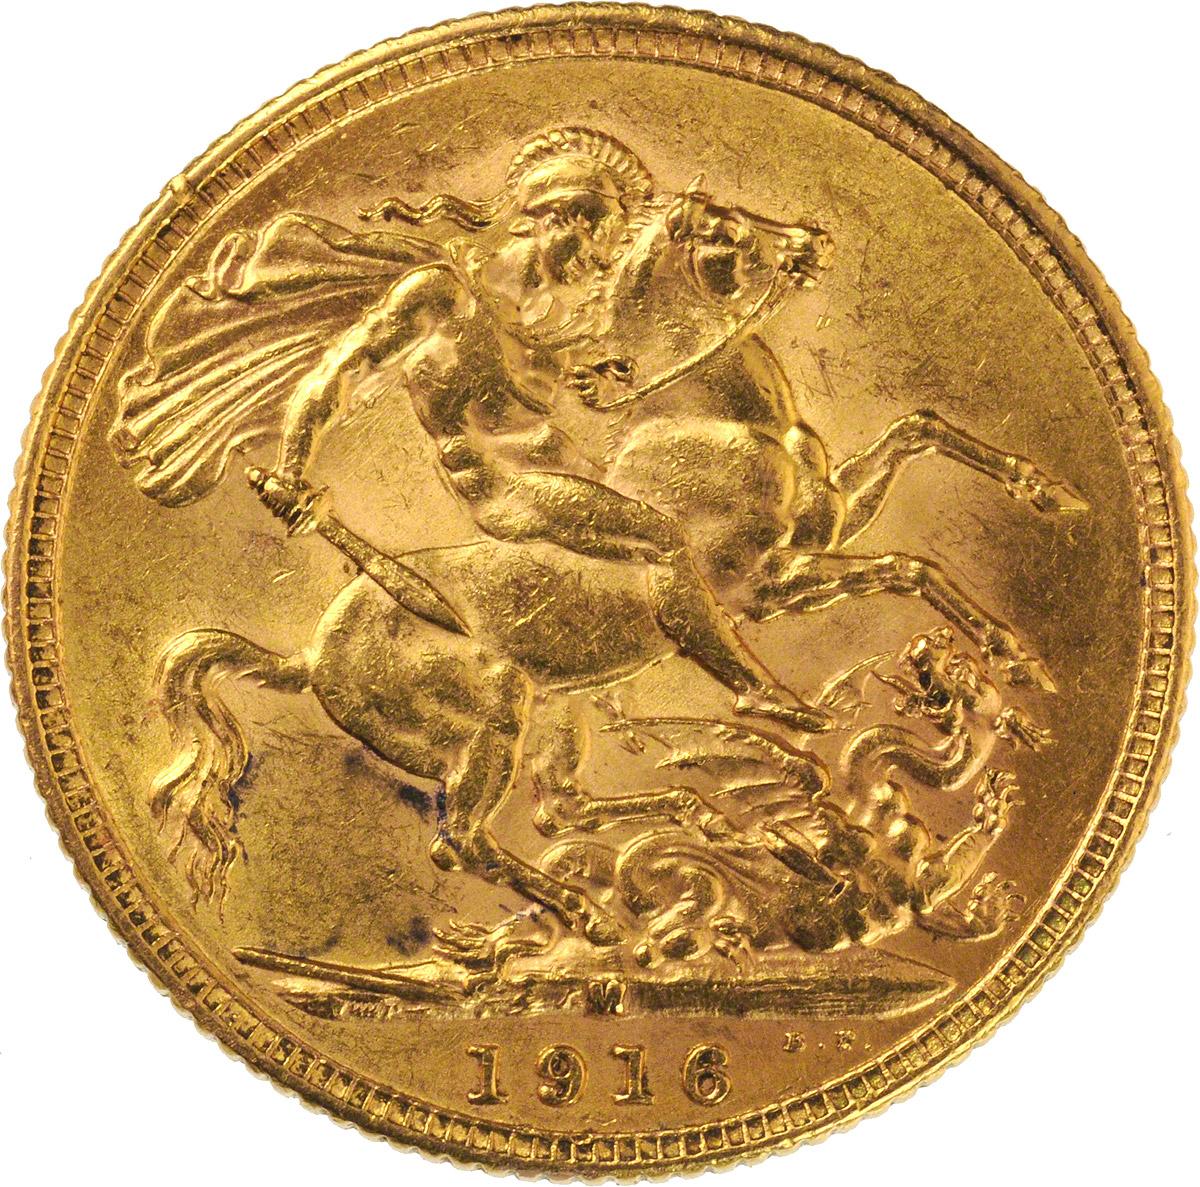 1916 Γεώργιος Ε' (Νομισματοκοπείο Μελβούρνης)